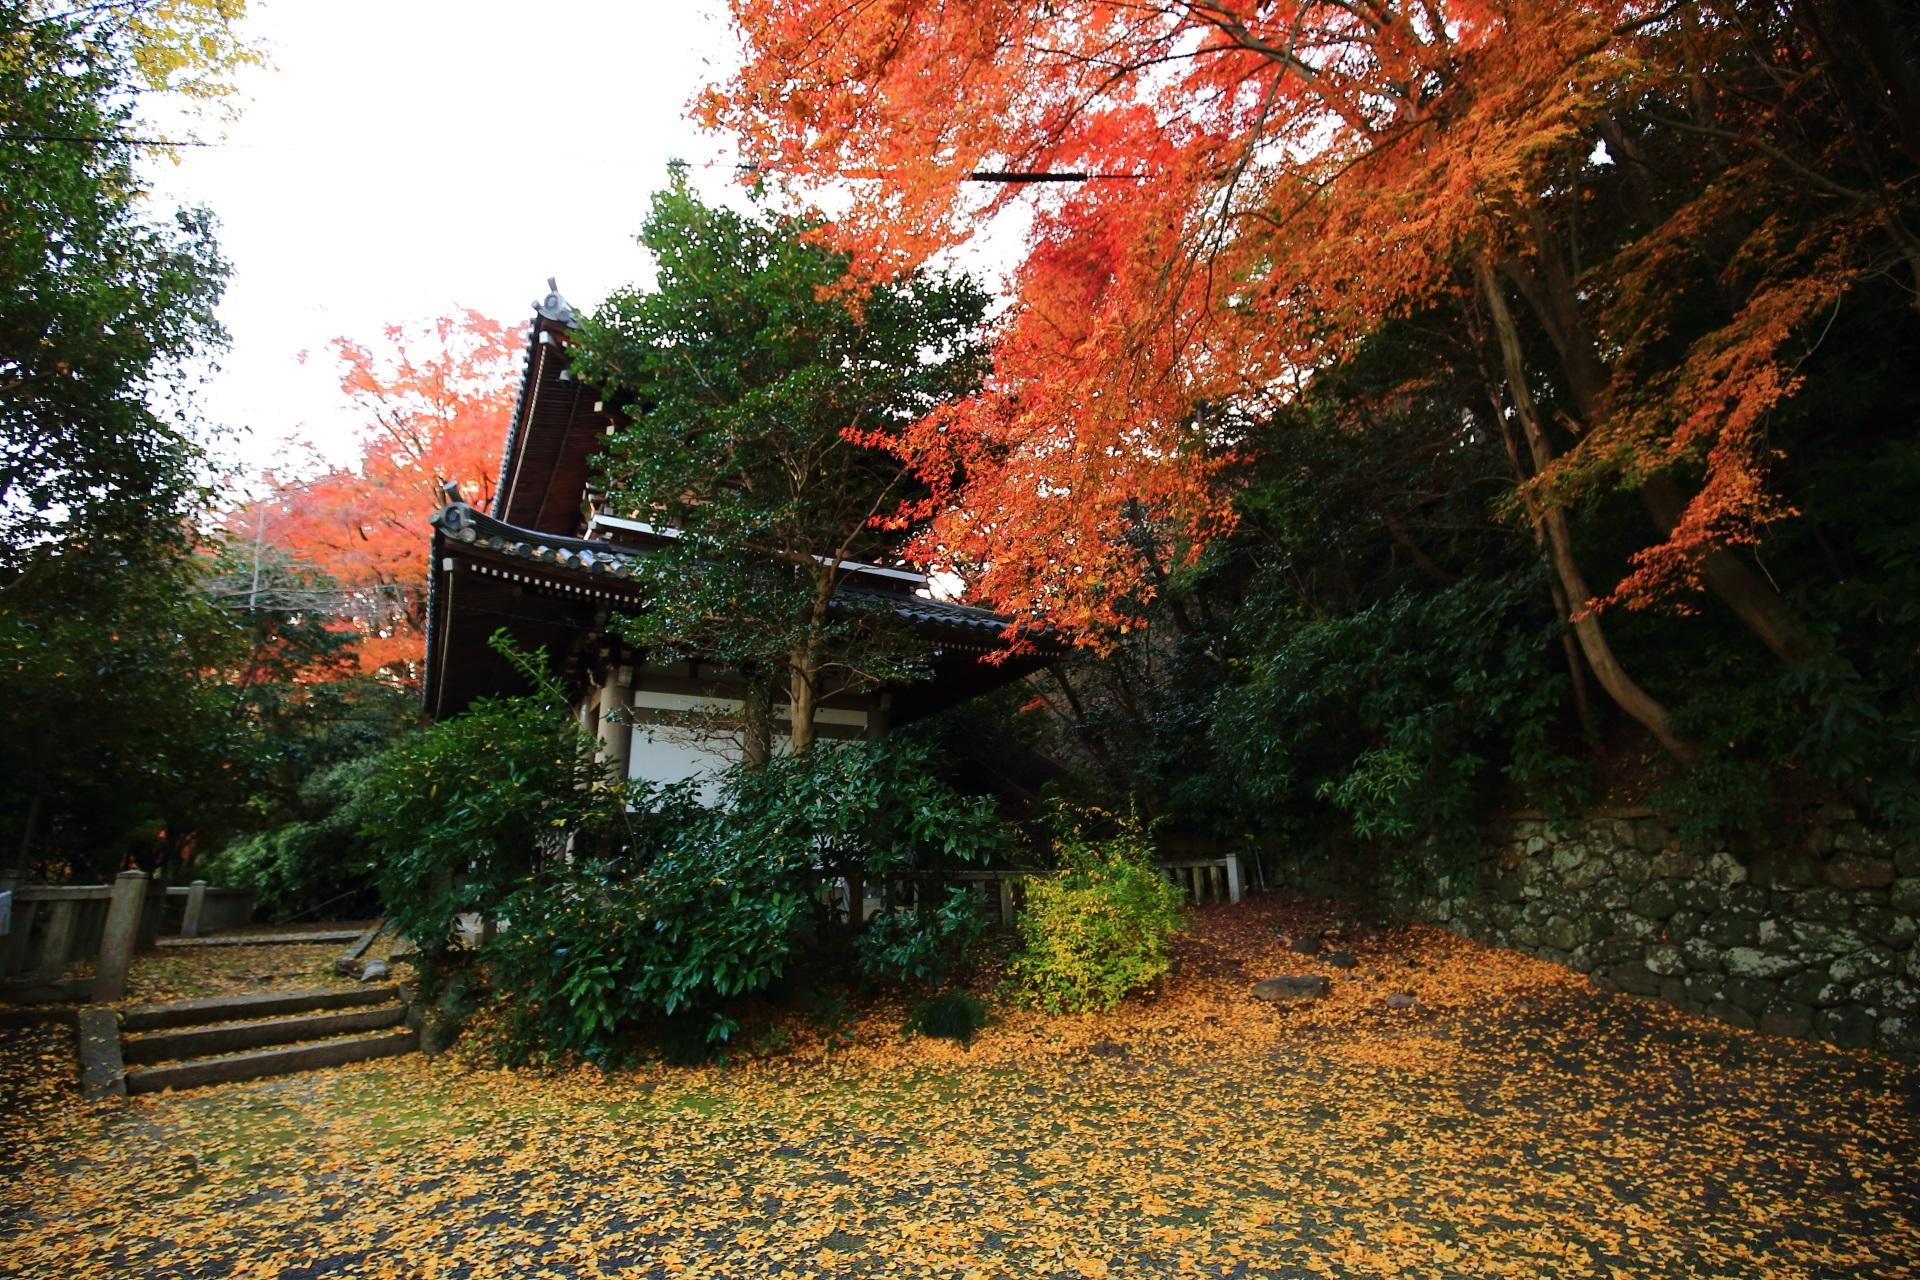 仁王門を染める紅葉と散り銀杏